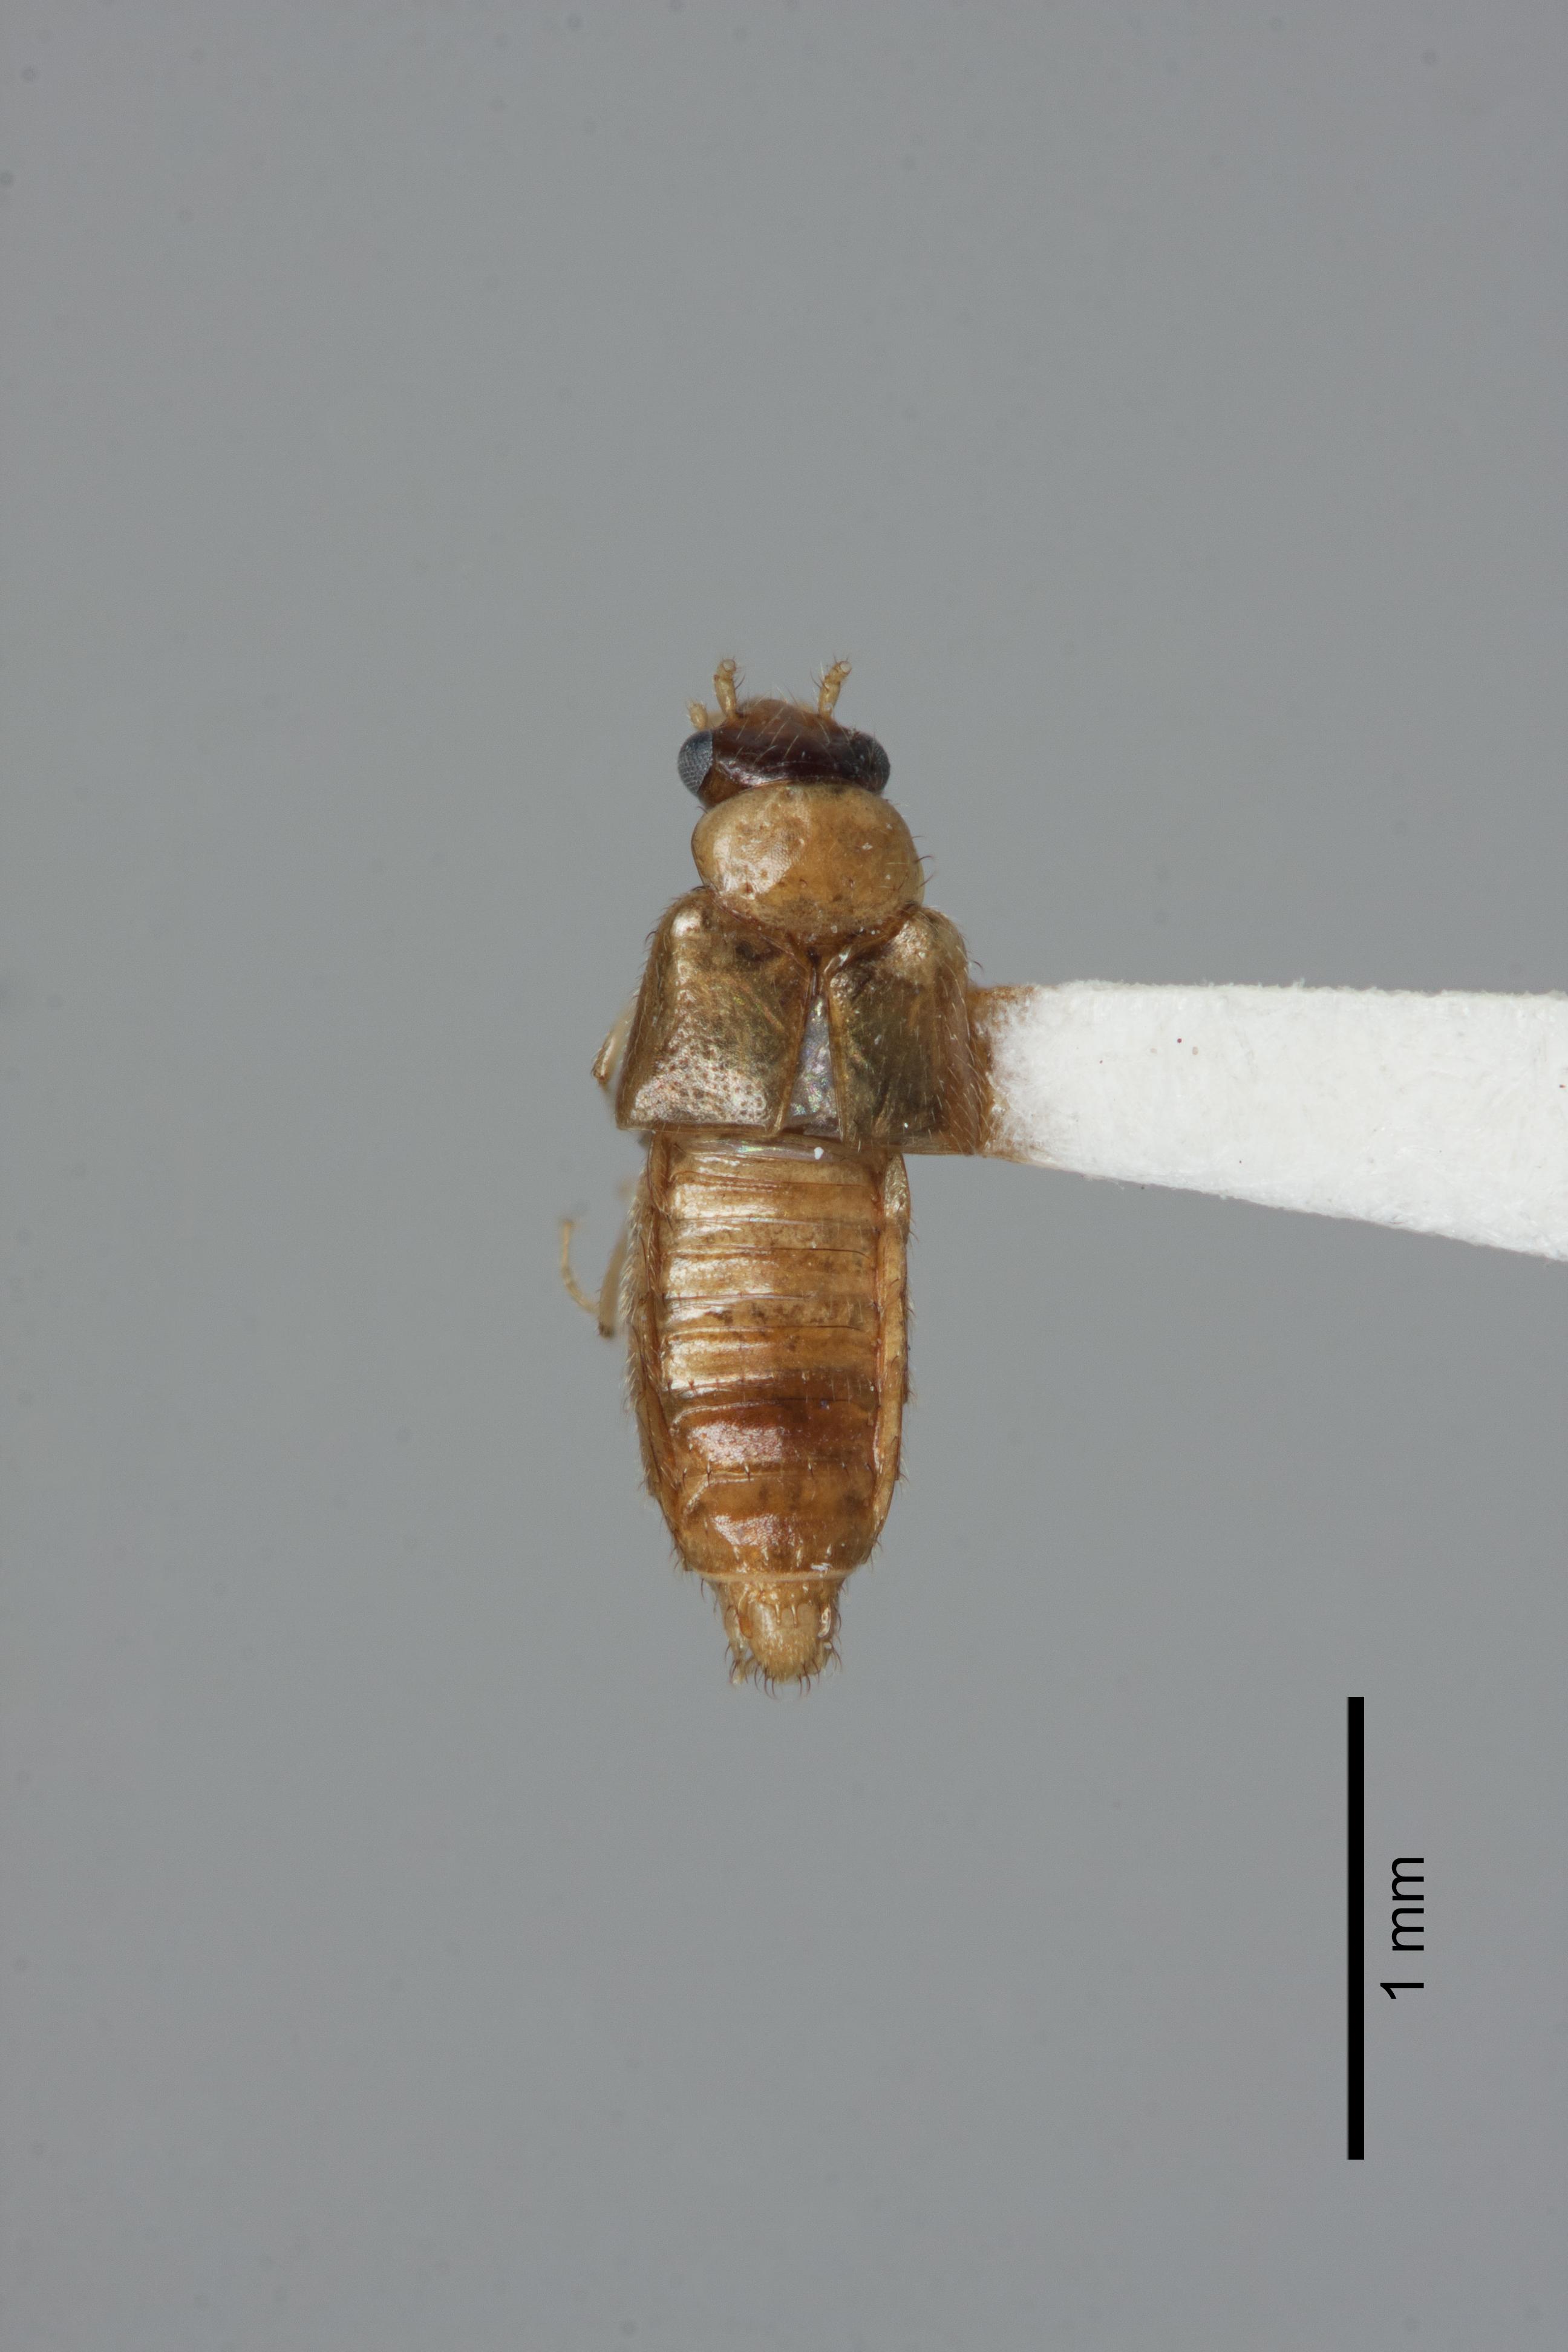 Image of Gyrophaena caseyi